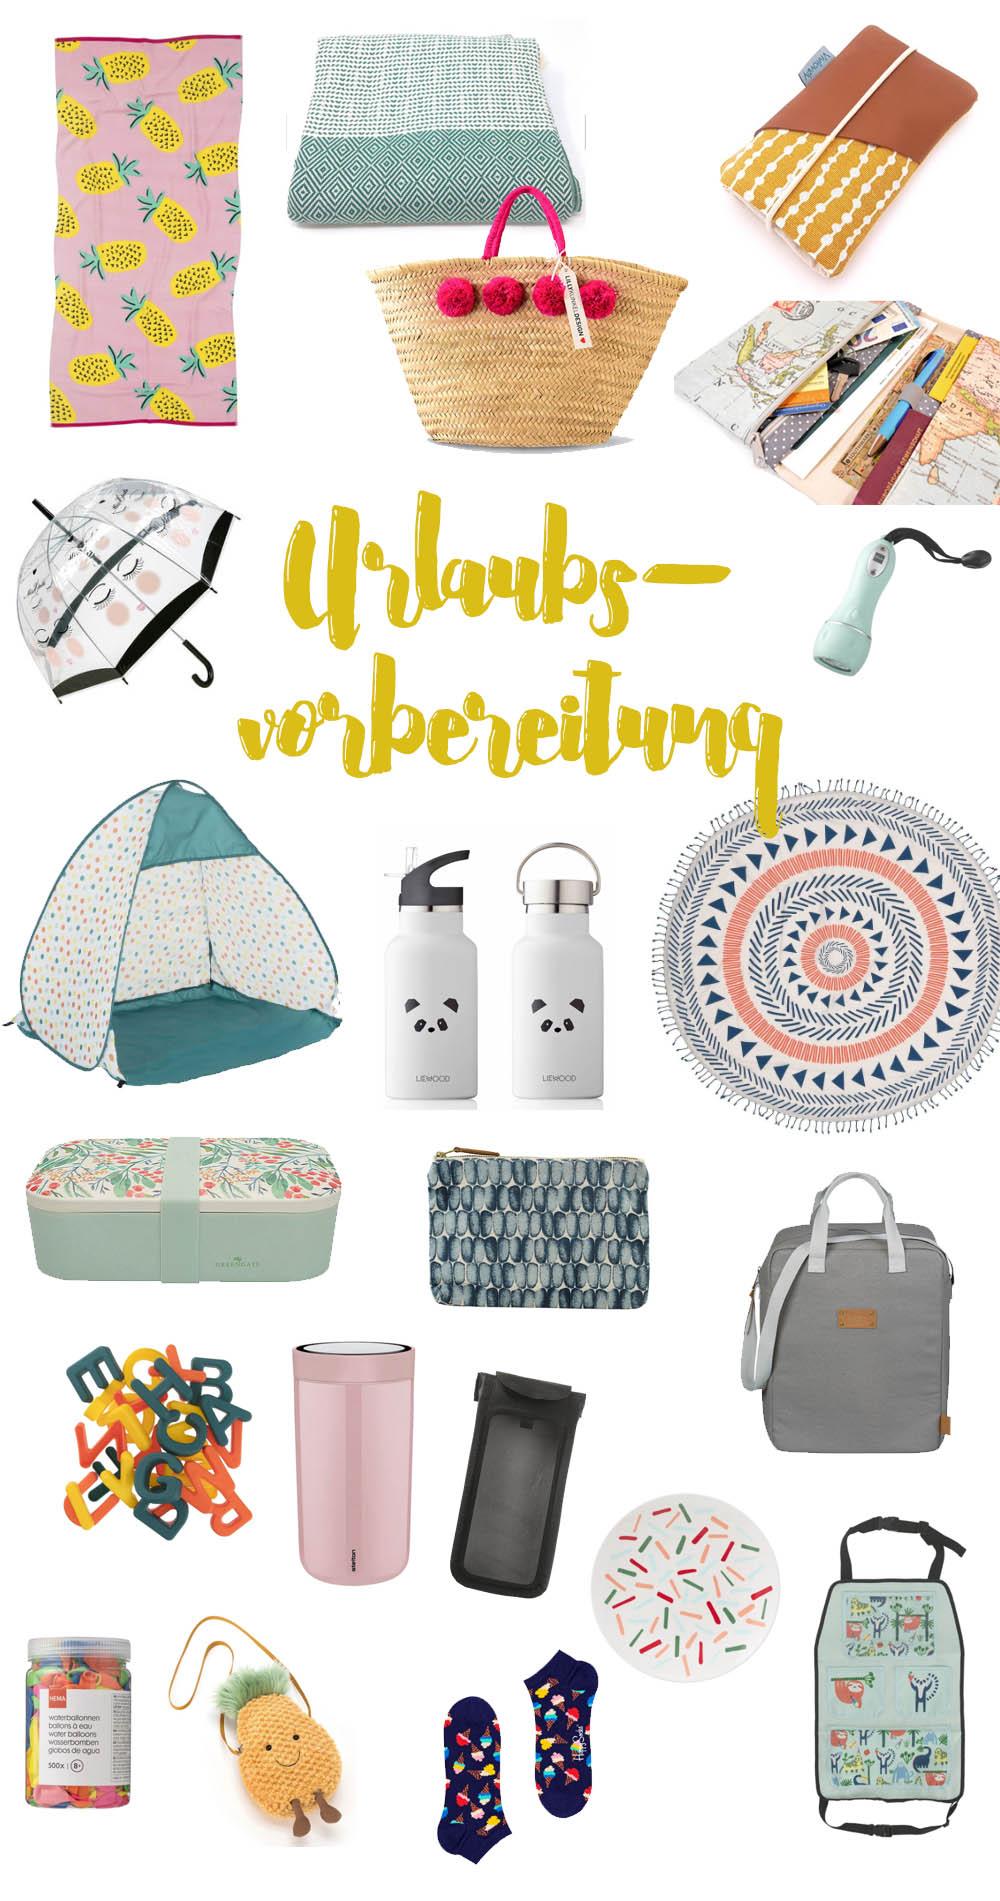 Shoppingguide für den Urlaub und die Reisevorbereitung